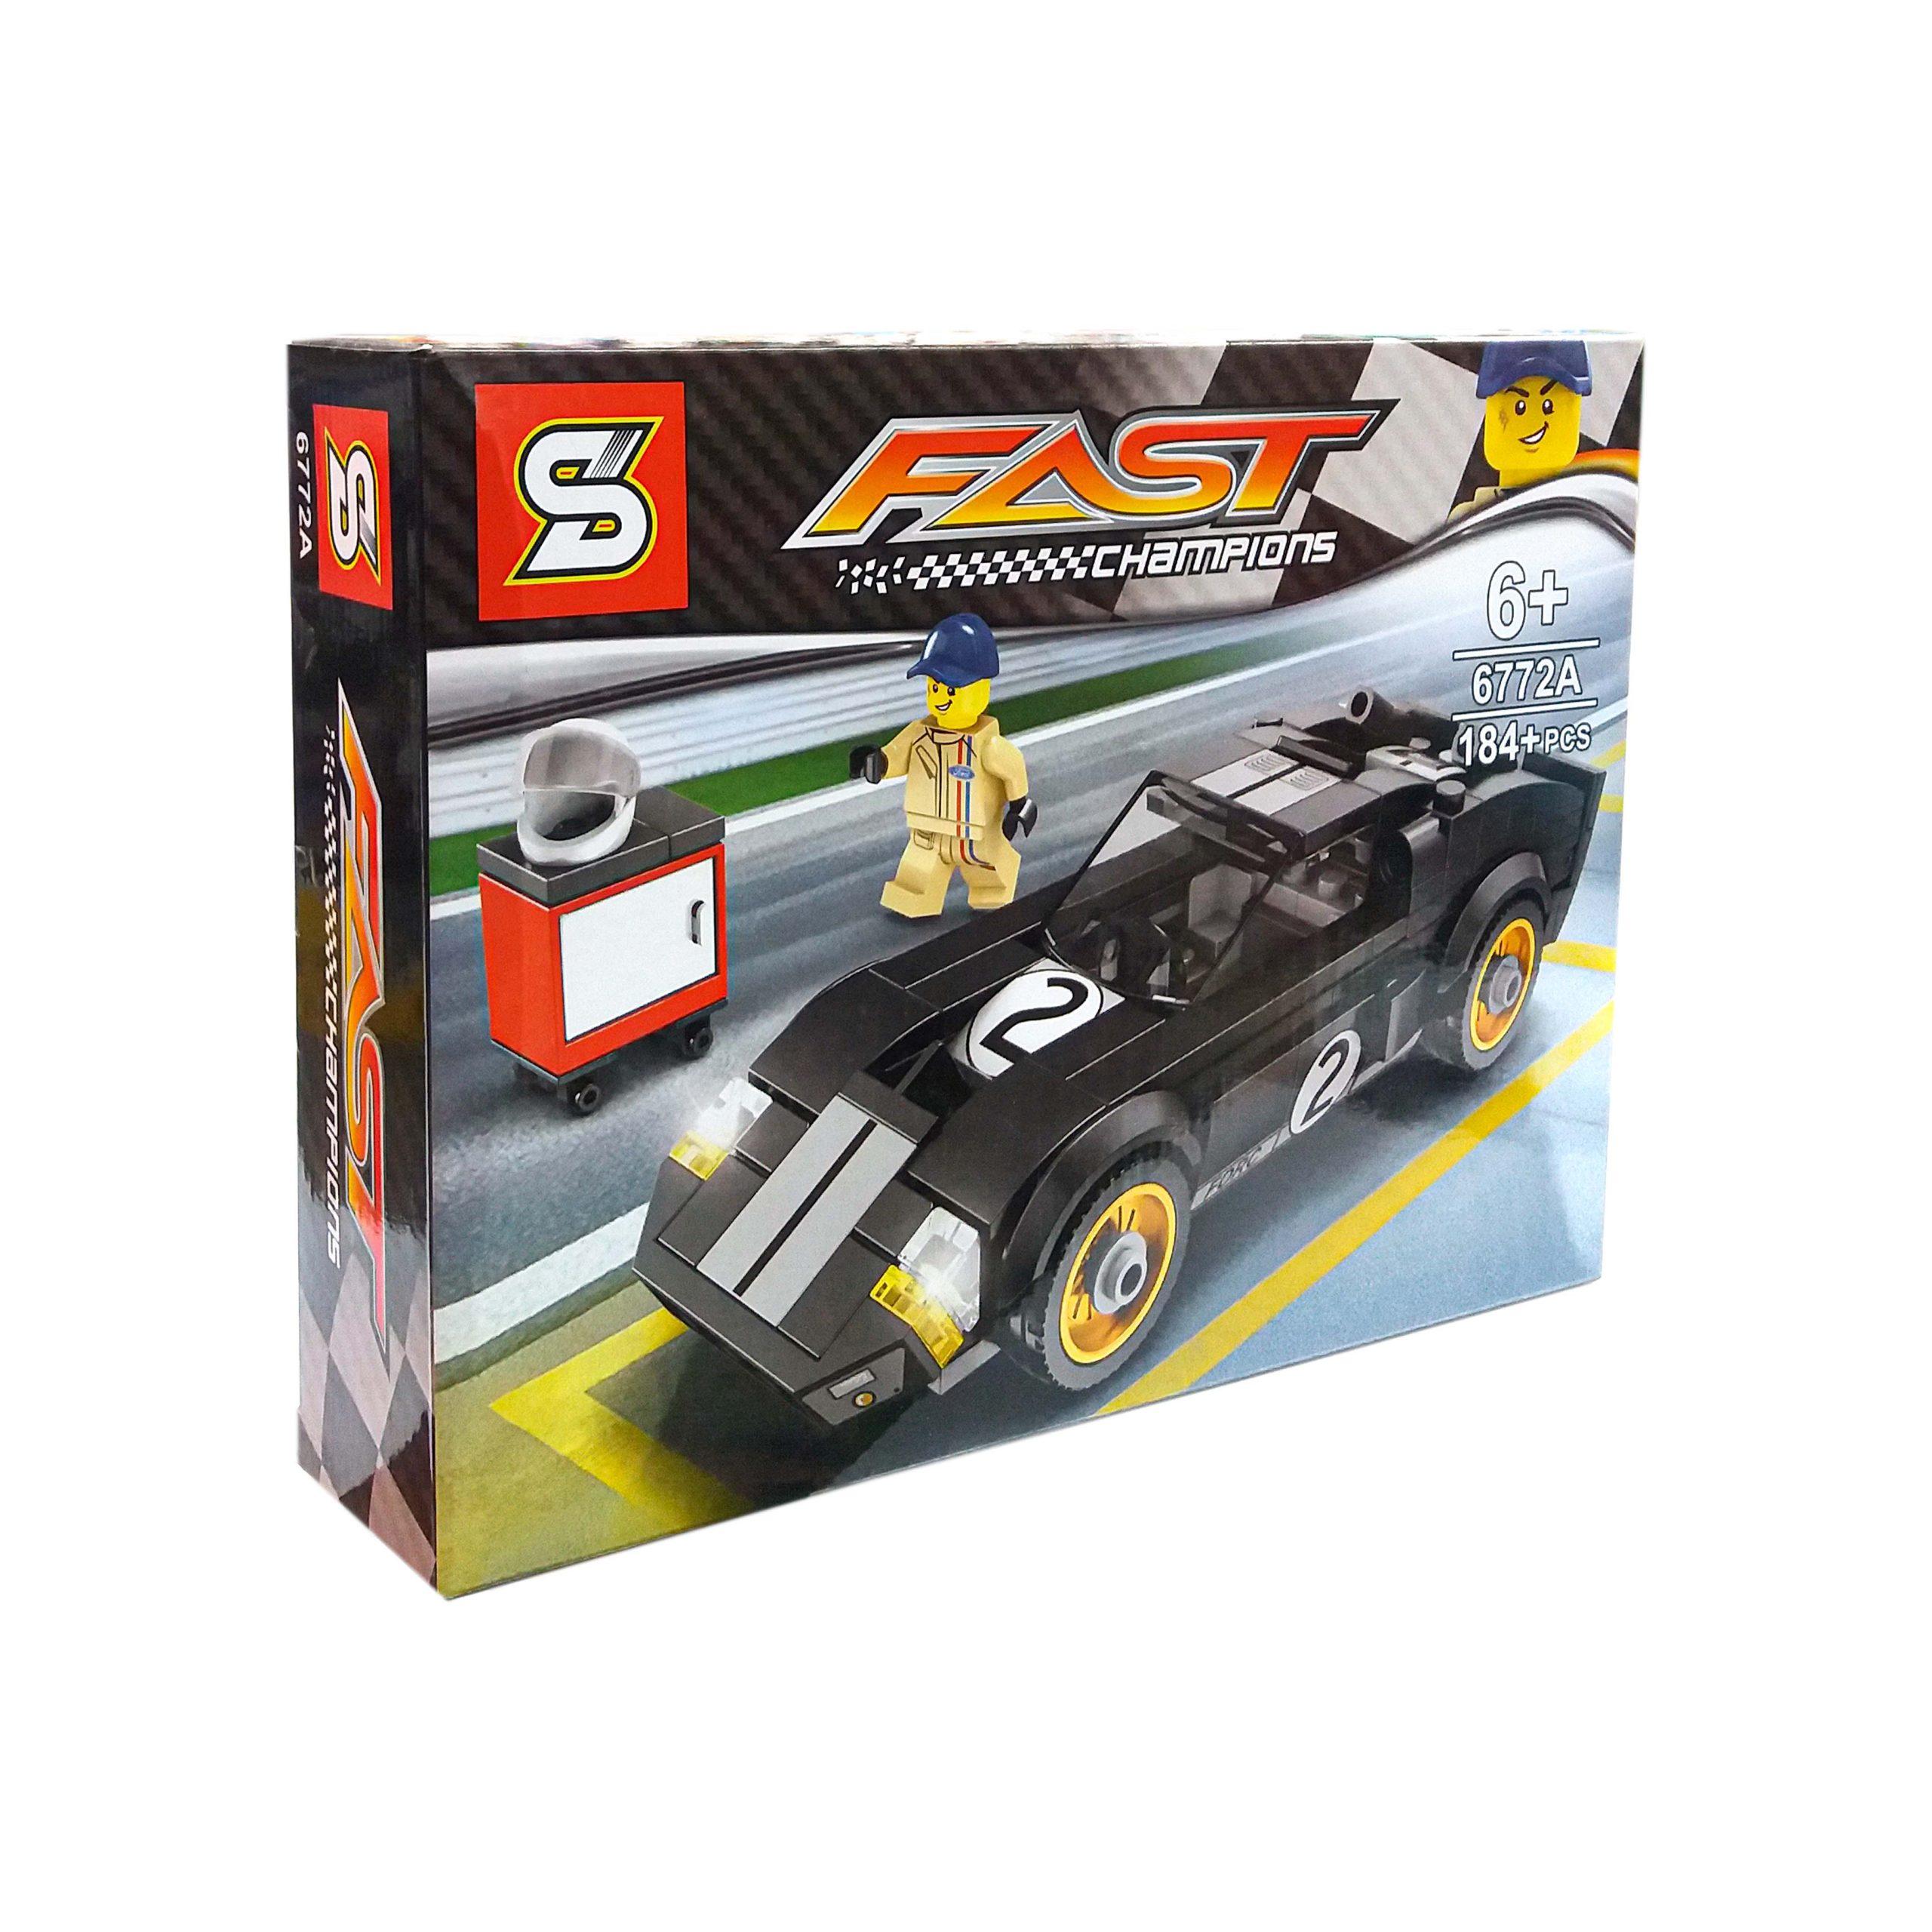 ماشین مسابقه 6772 یک 1 2560x2560 - Home Toys